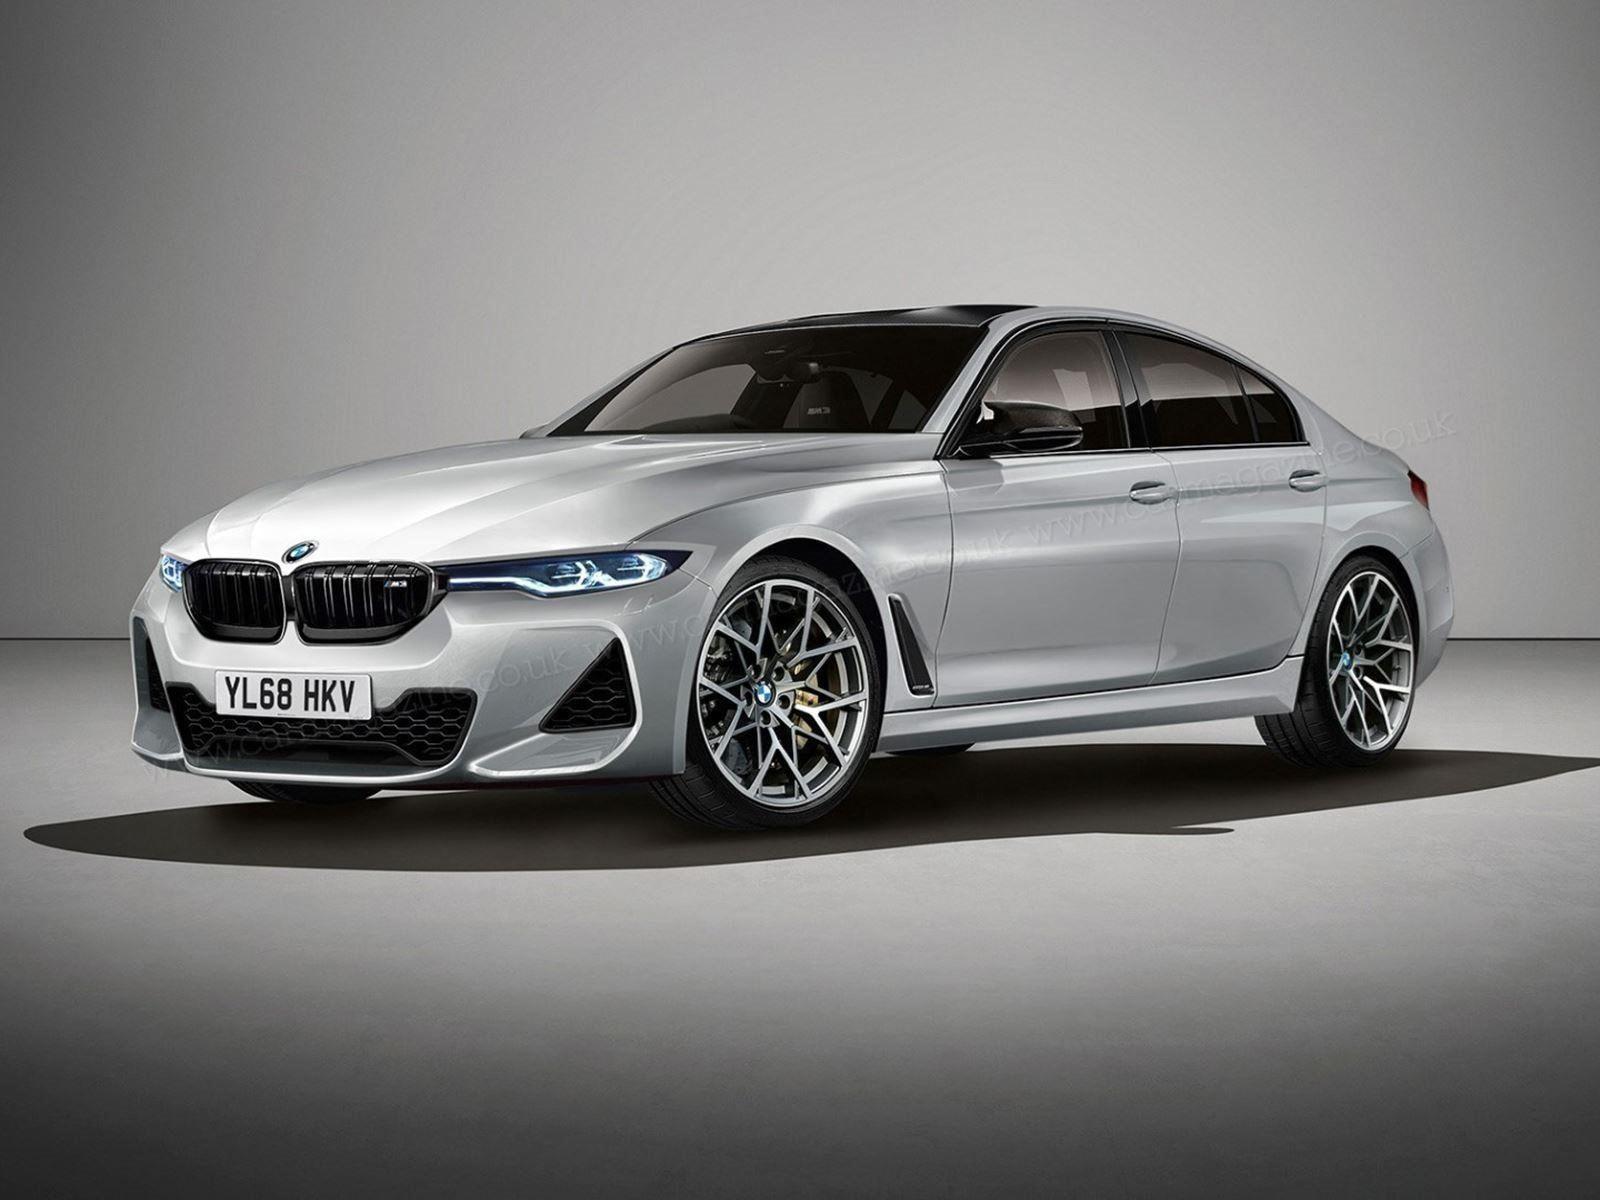 The Bmw M3 2019 Price Cars Review 2019 Bmw M3 Bmw Latest Bmw